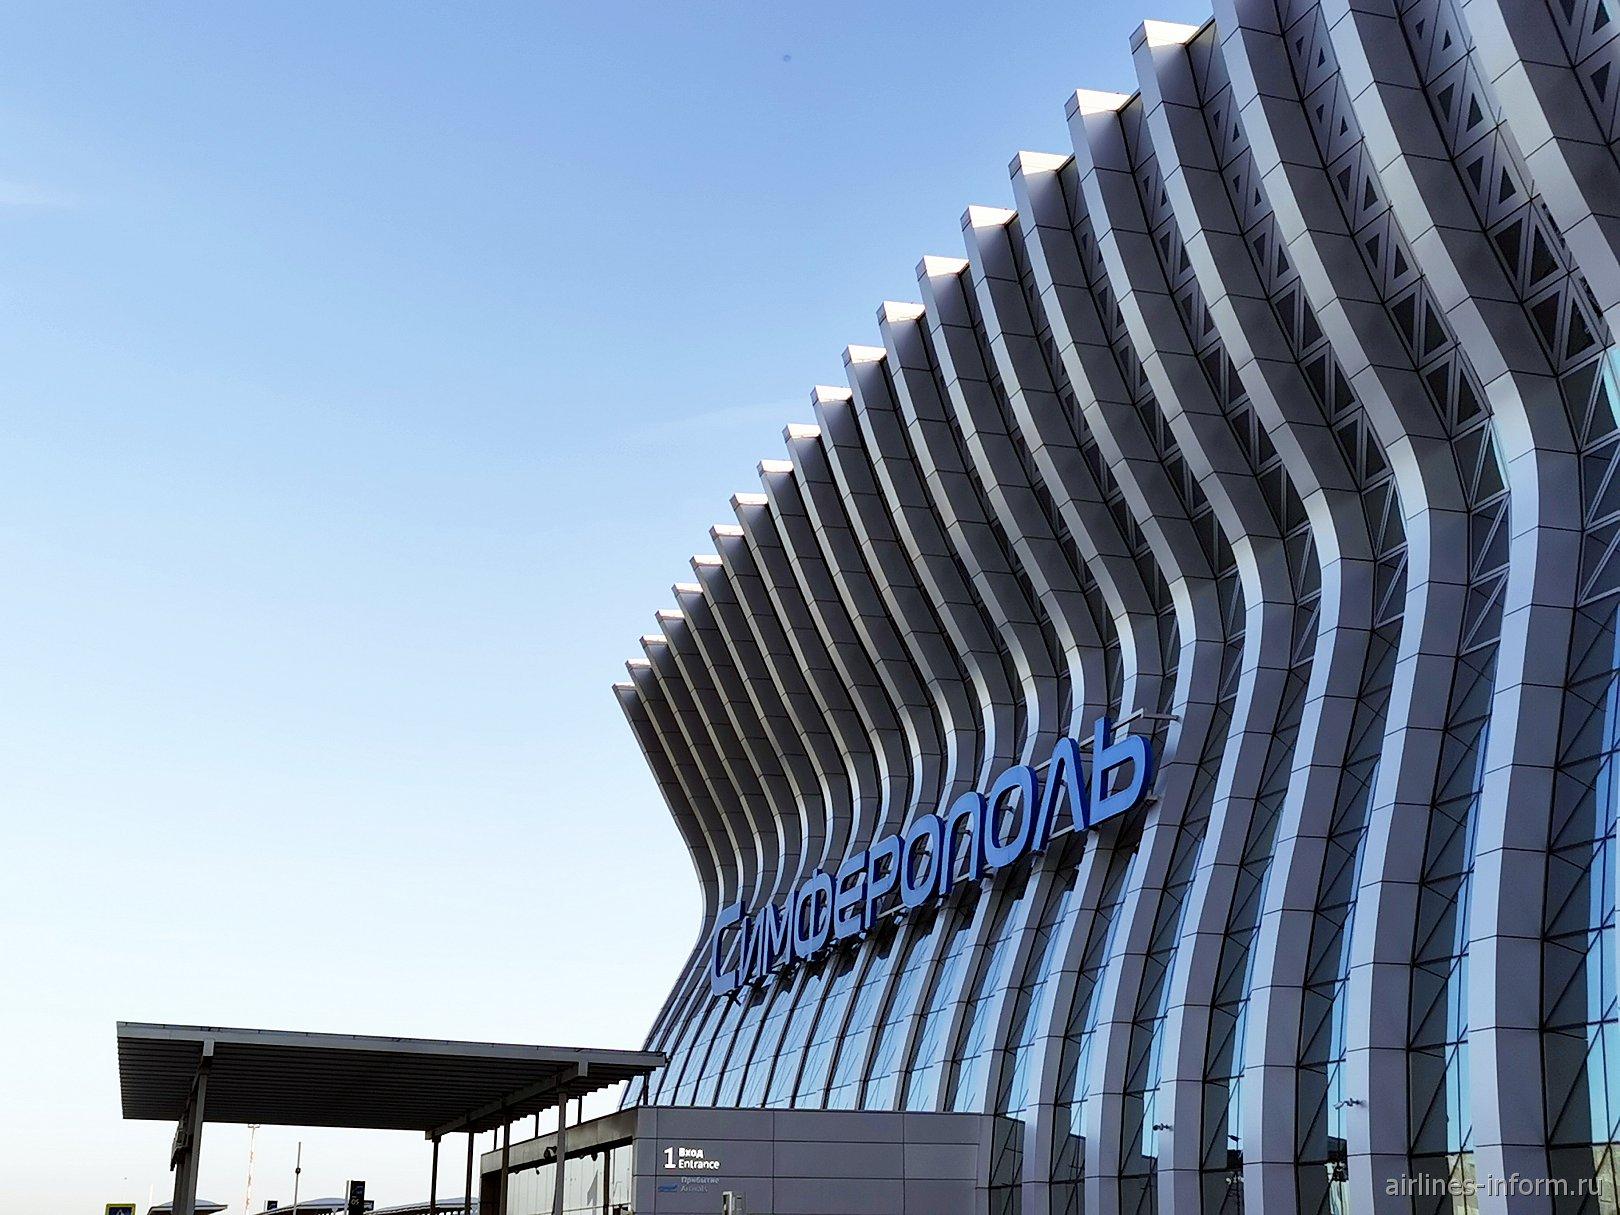 """Аэропорт Симферополь - дизайн терминала в стиле """"Крымская волна"""""""